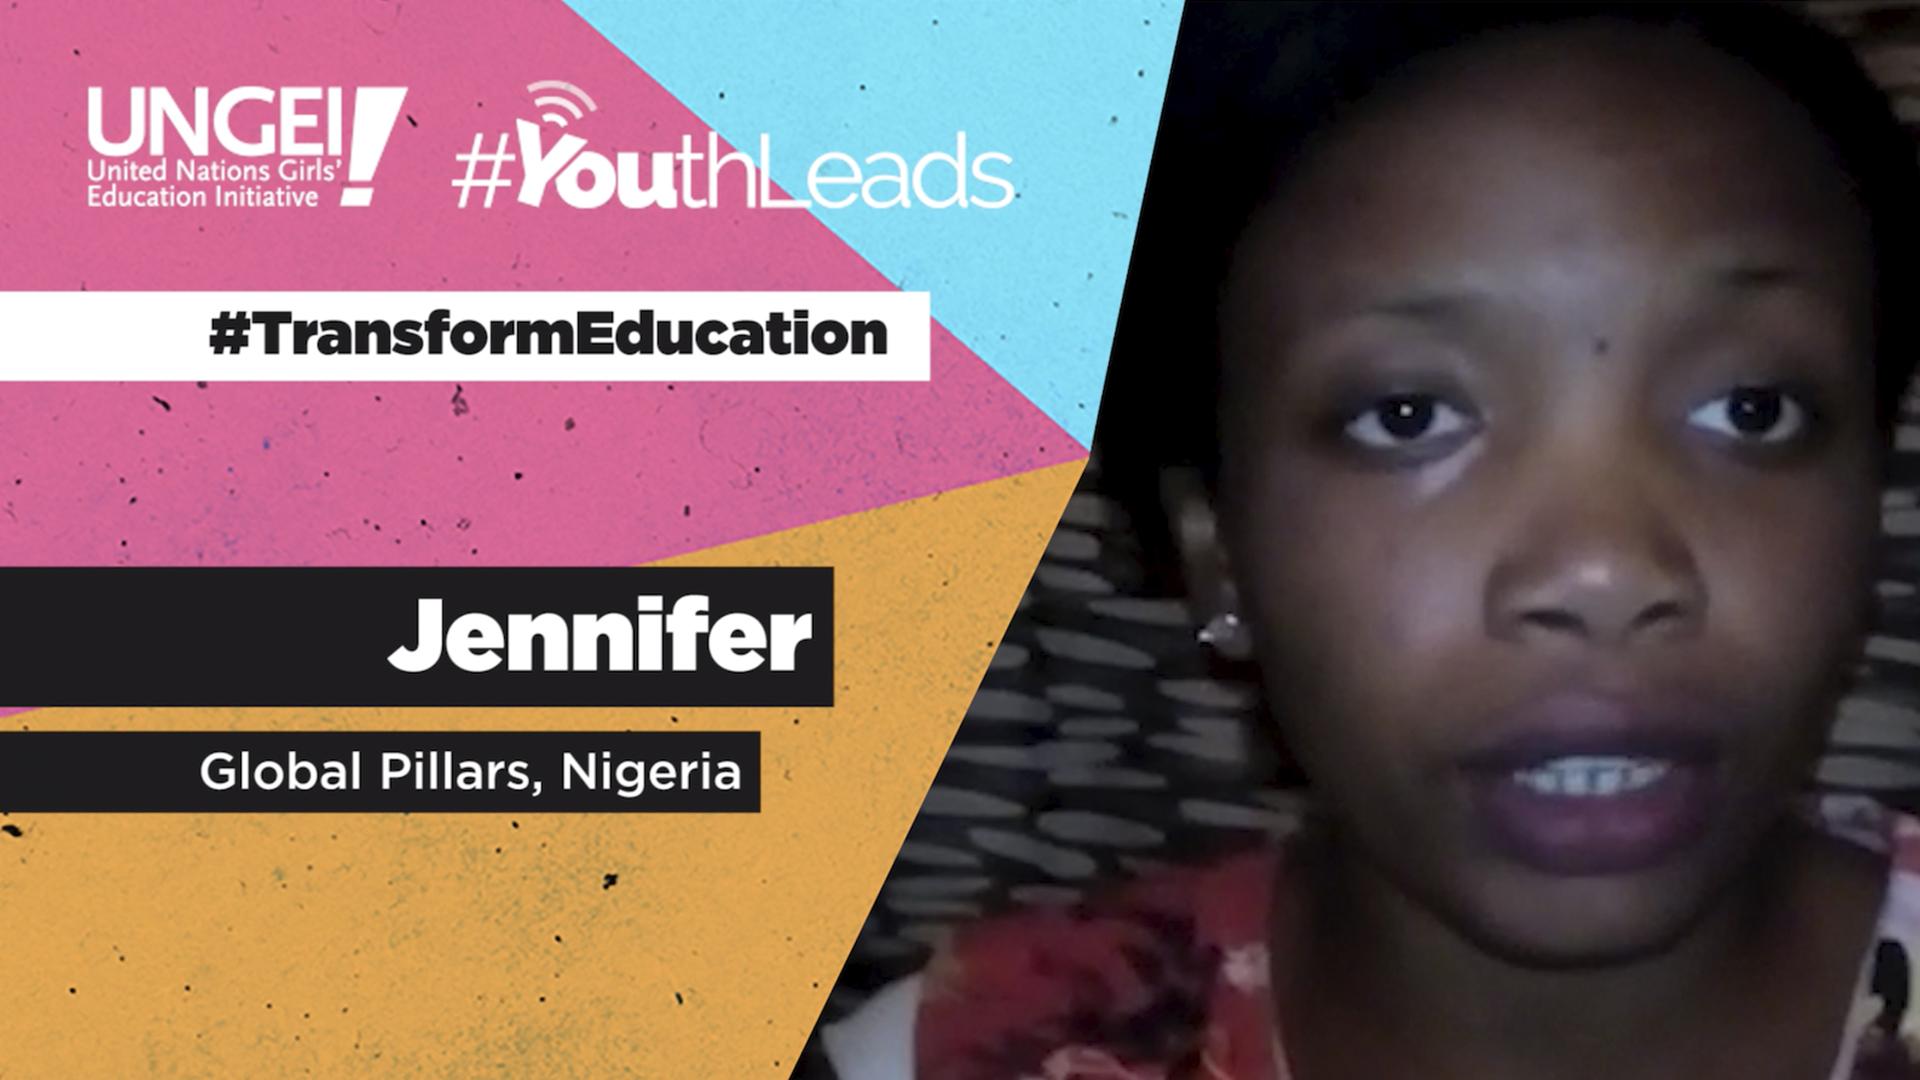 Jennifer, Global Pillars, Nigeria